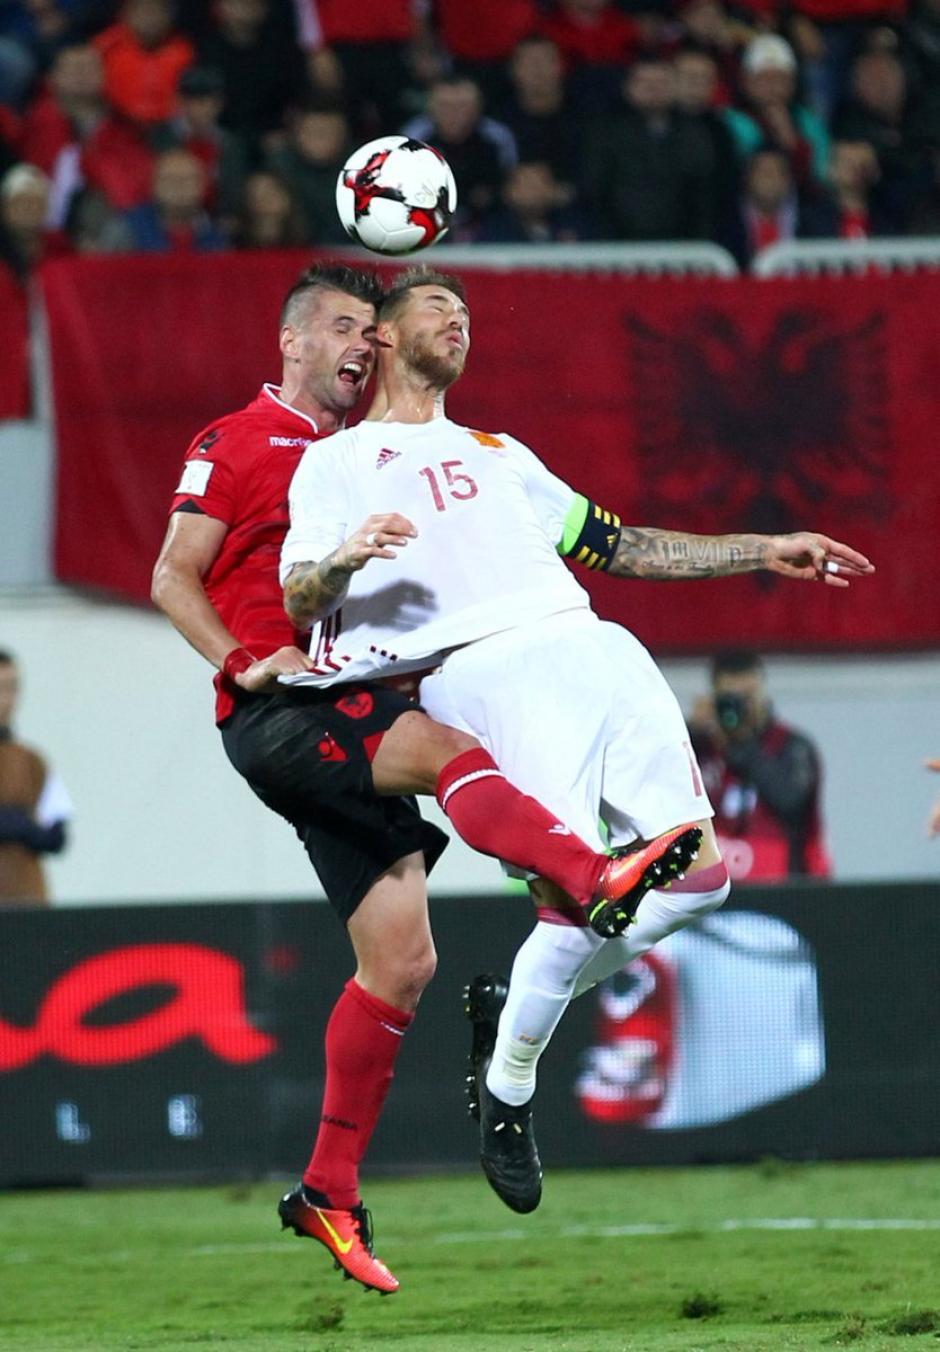 Ramos jugó con España y terminó con un esguince. (Foto: Twitter)